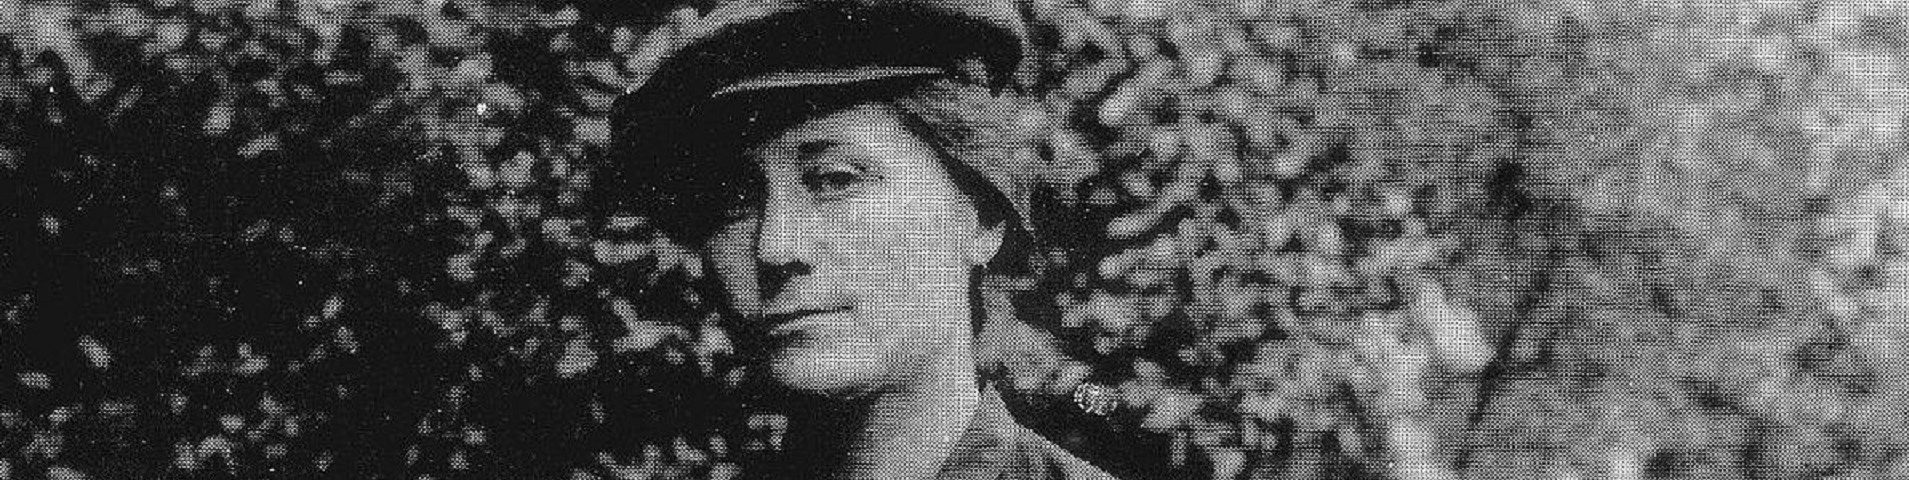 Gegen die Unsichtbarkeit | Designerinnen der Deutschen Werkstätten Hellerau 1898 bis 1938